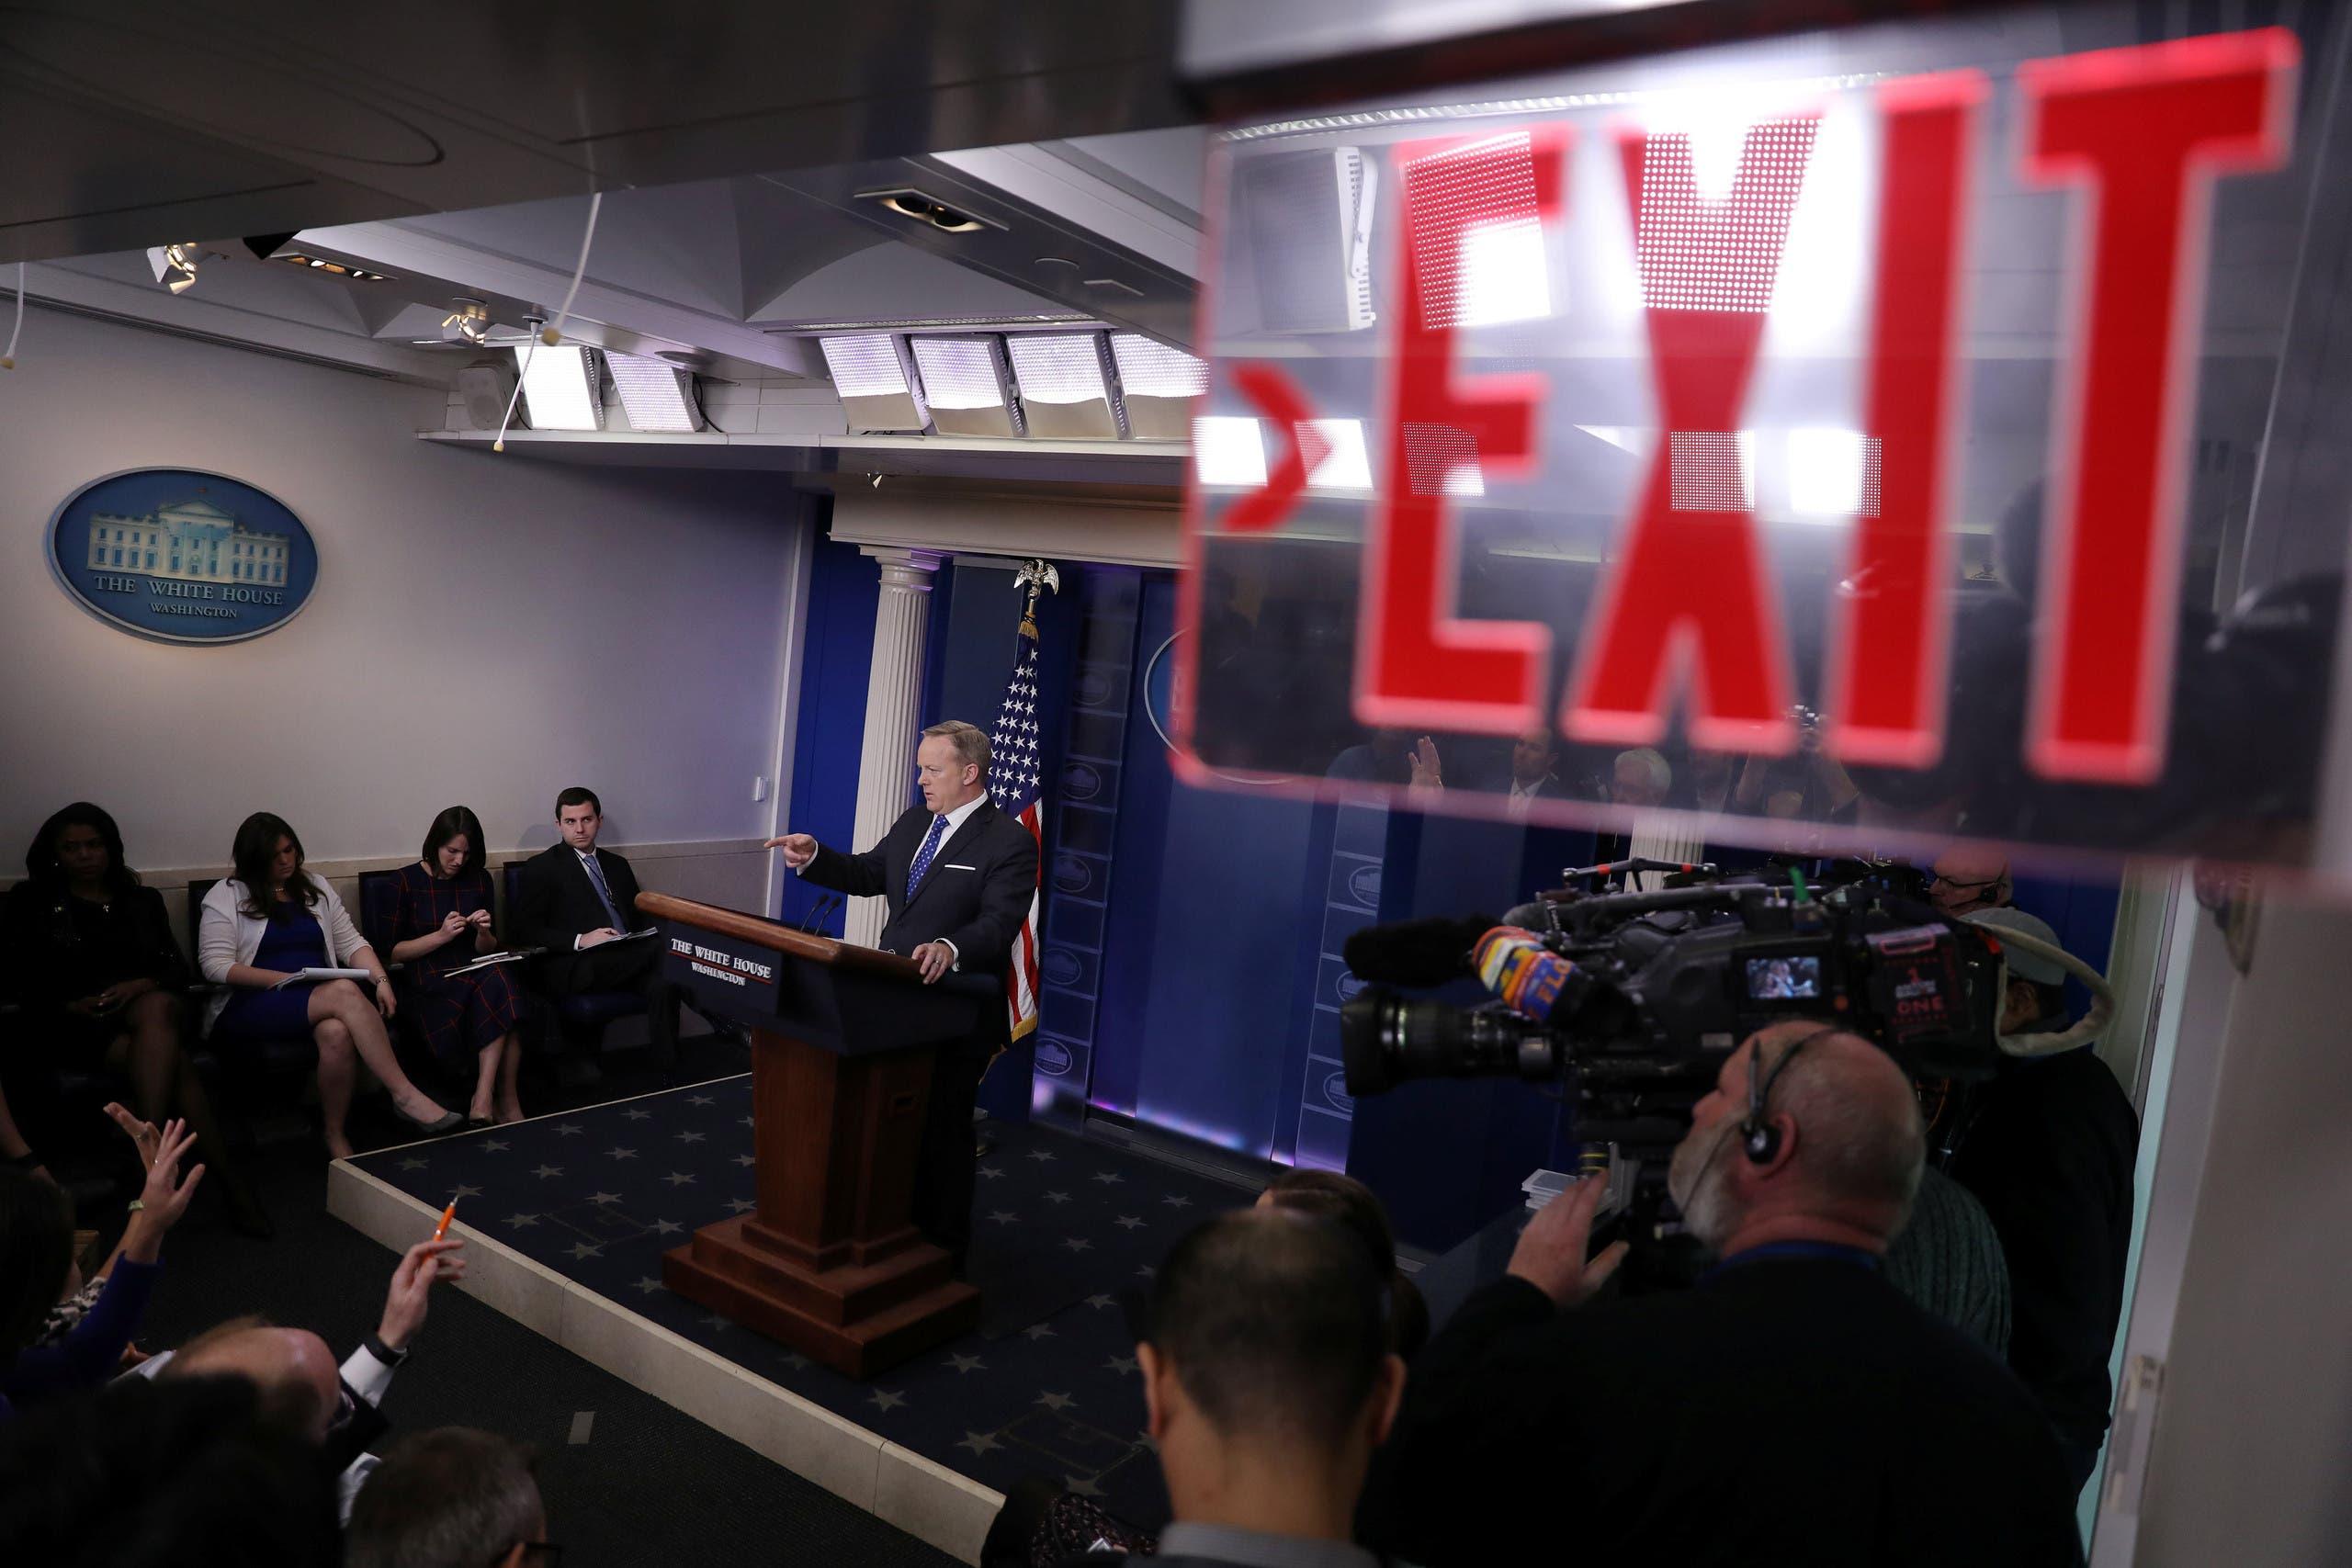 مراسلو البيت الأبيض خلال عملهم قبل مؤتمر صحافي للمتحدث باسم الرئاسة